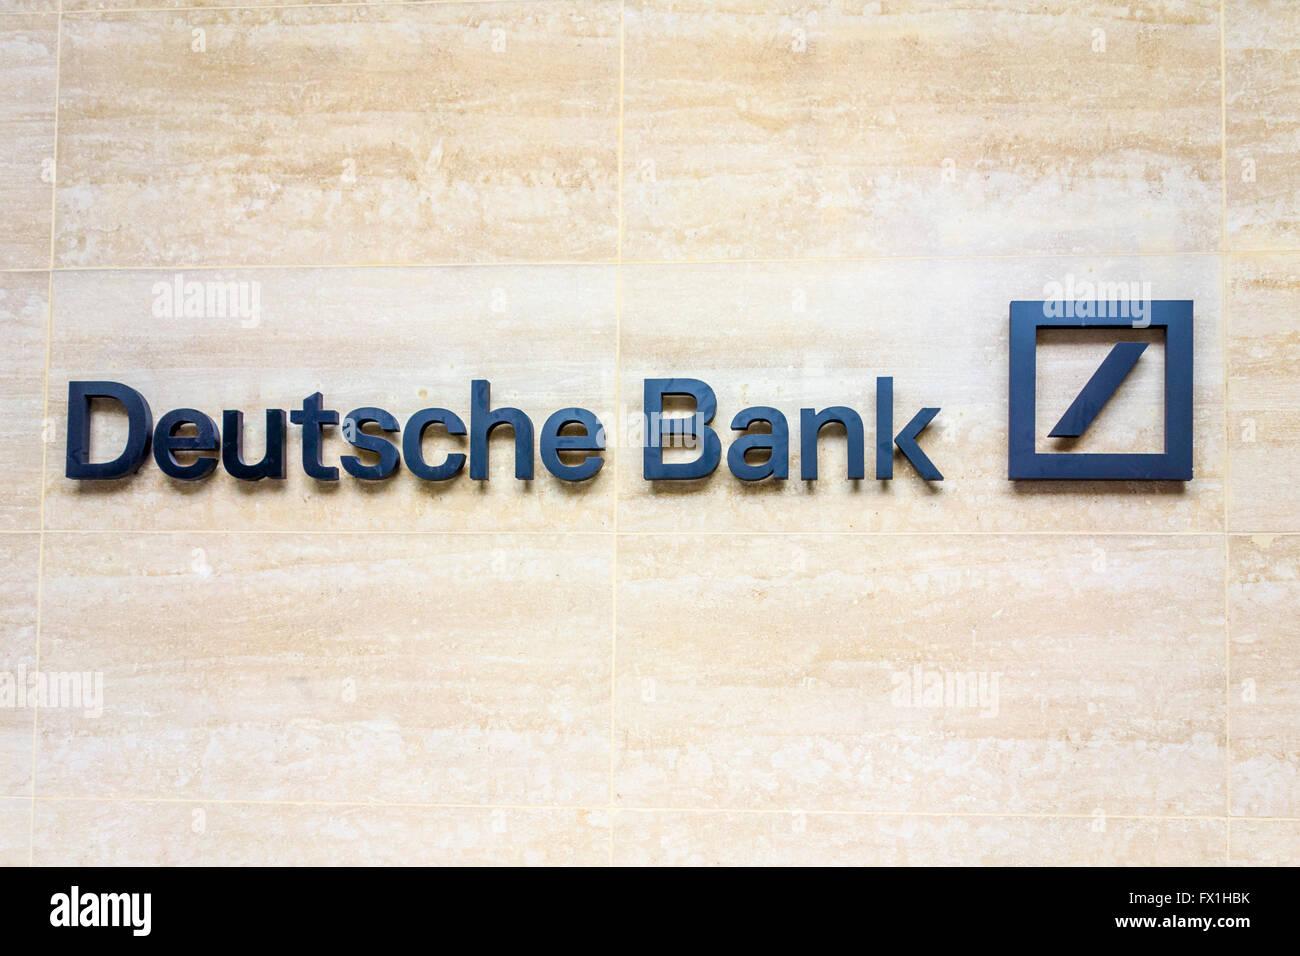 Deutsche Bank Zeichen, London, UK Stockbild